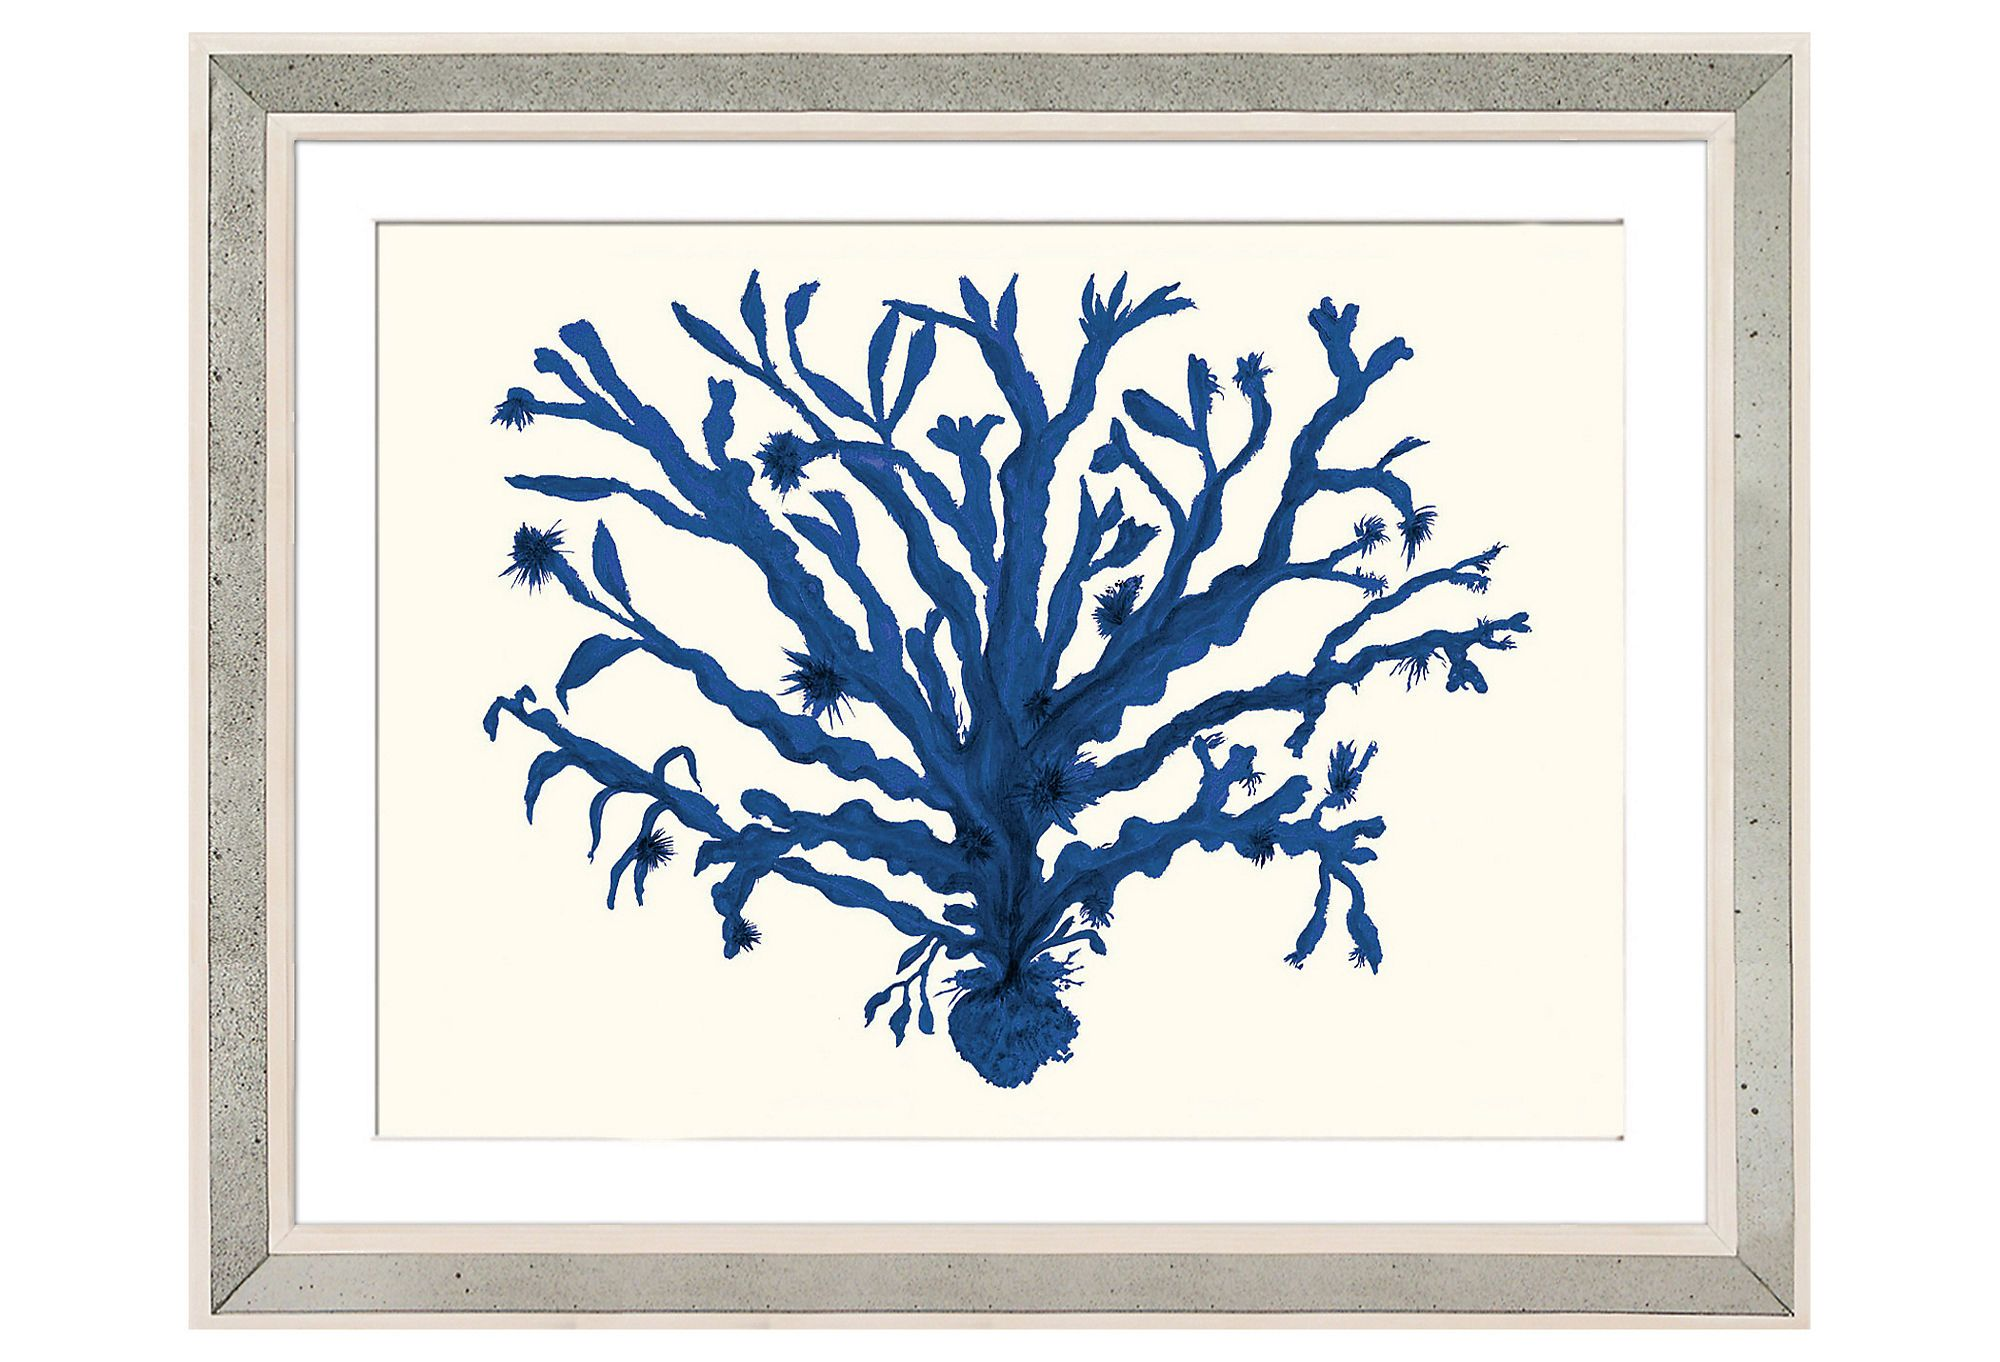 William stafford miranda baker coral v accpicture pinterest